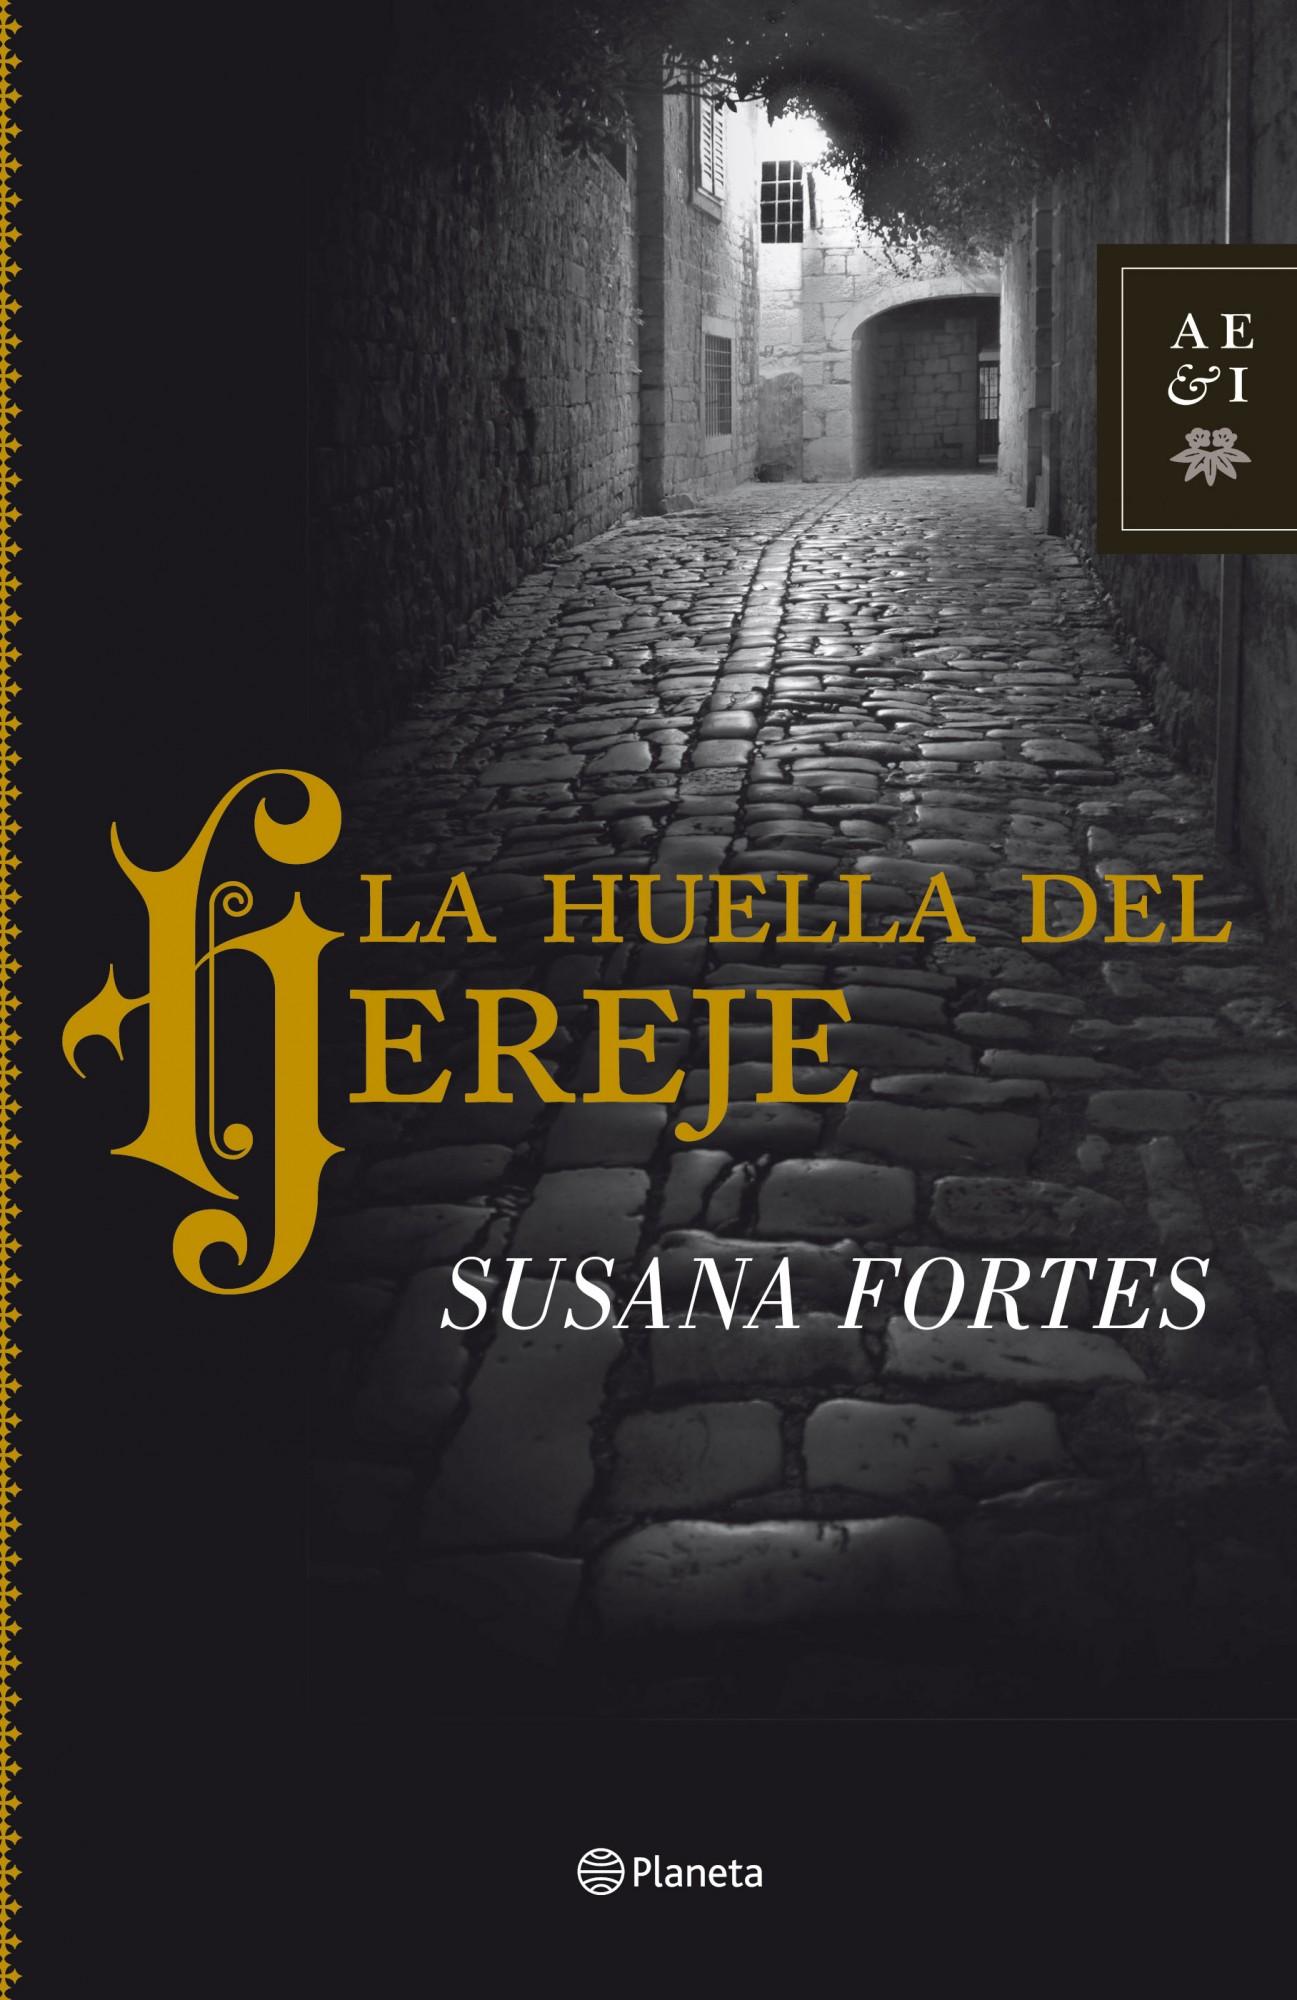 La huella del hereje - Susana Fortes [2.64 MB | DOC]